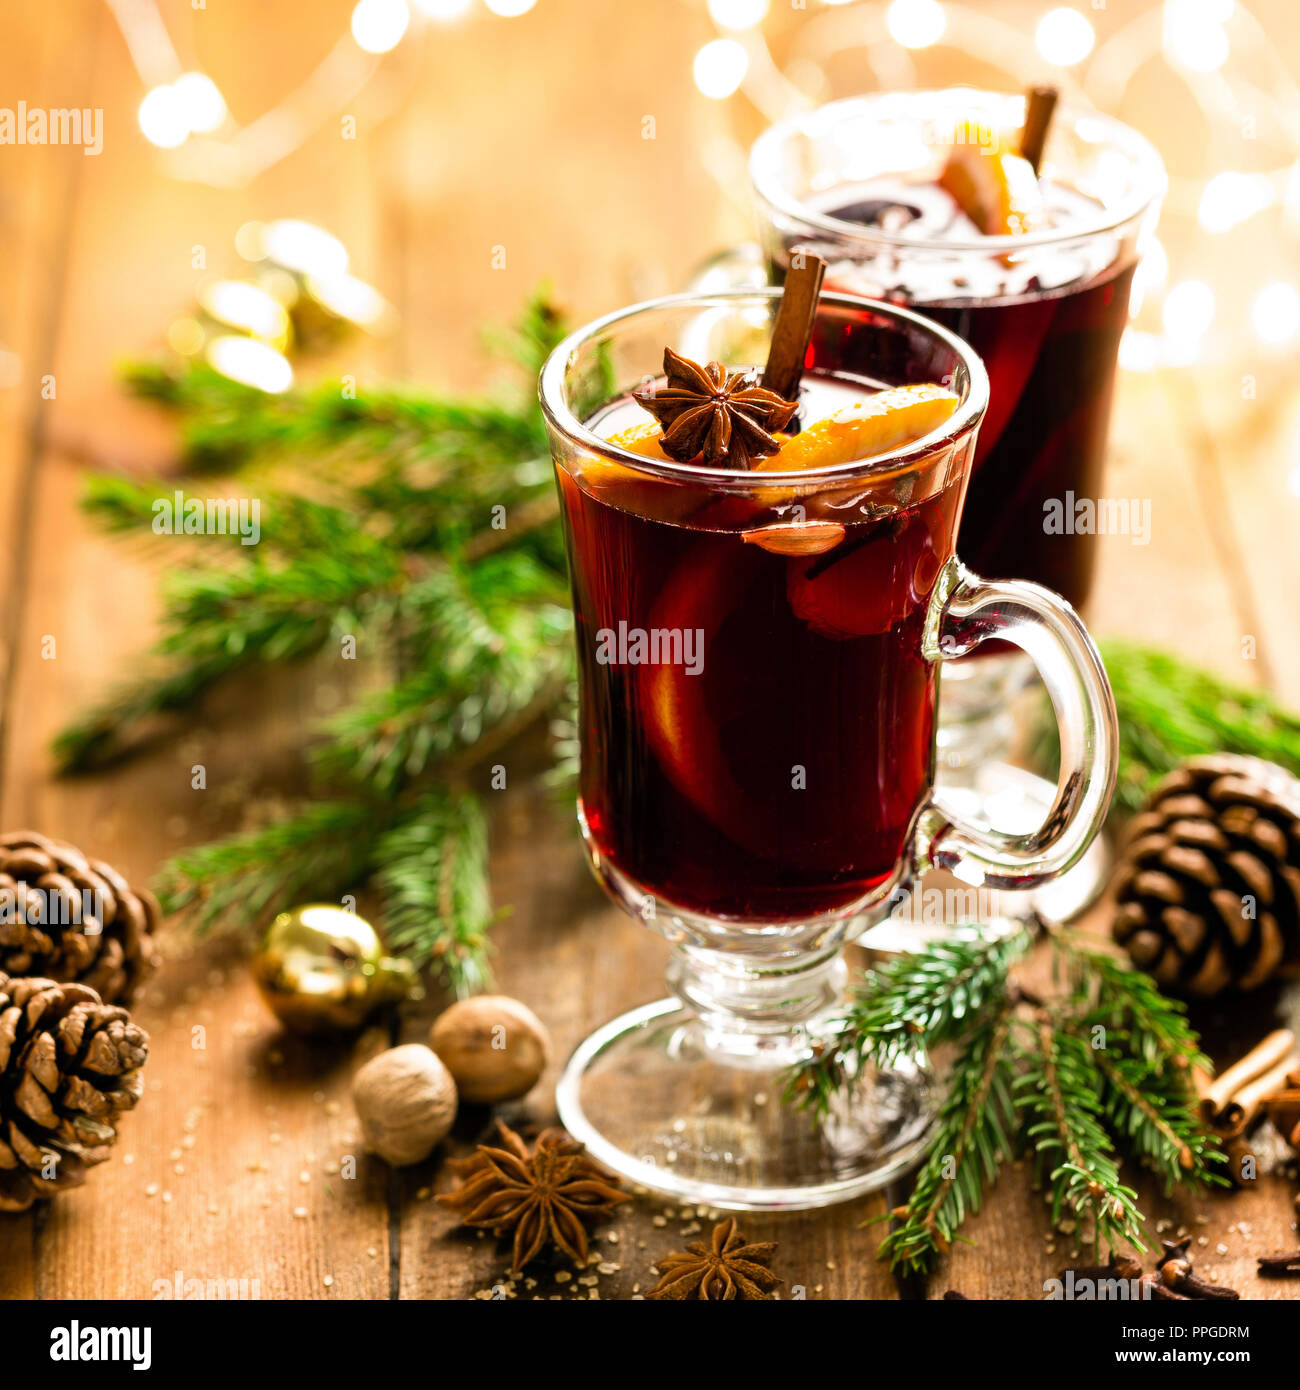 Navidad vino tinto especiado con especias y naranjas en una mesa de estilo rústico de madera. Bebida caliente tradicional en Navidad Foto de stock